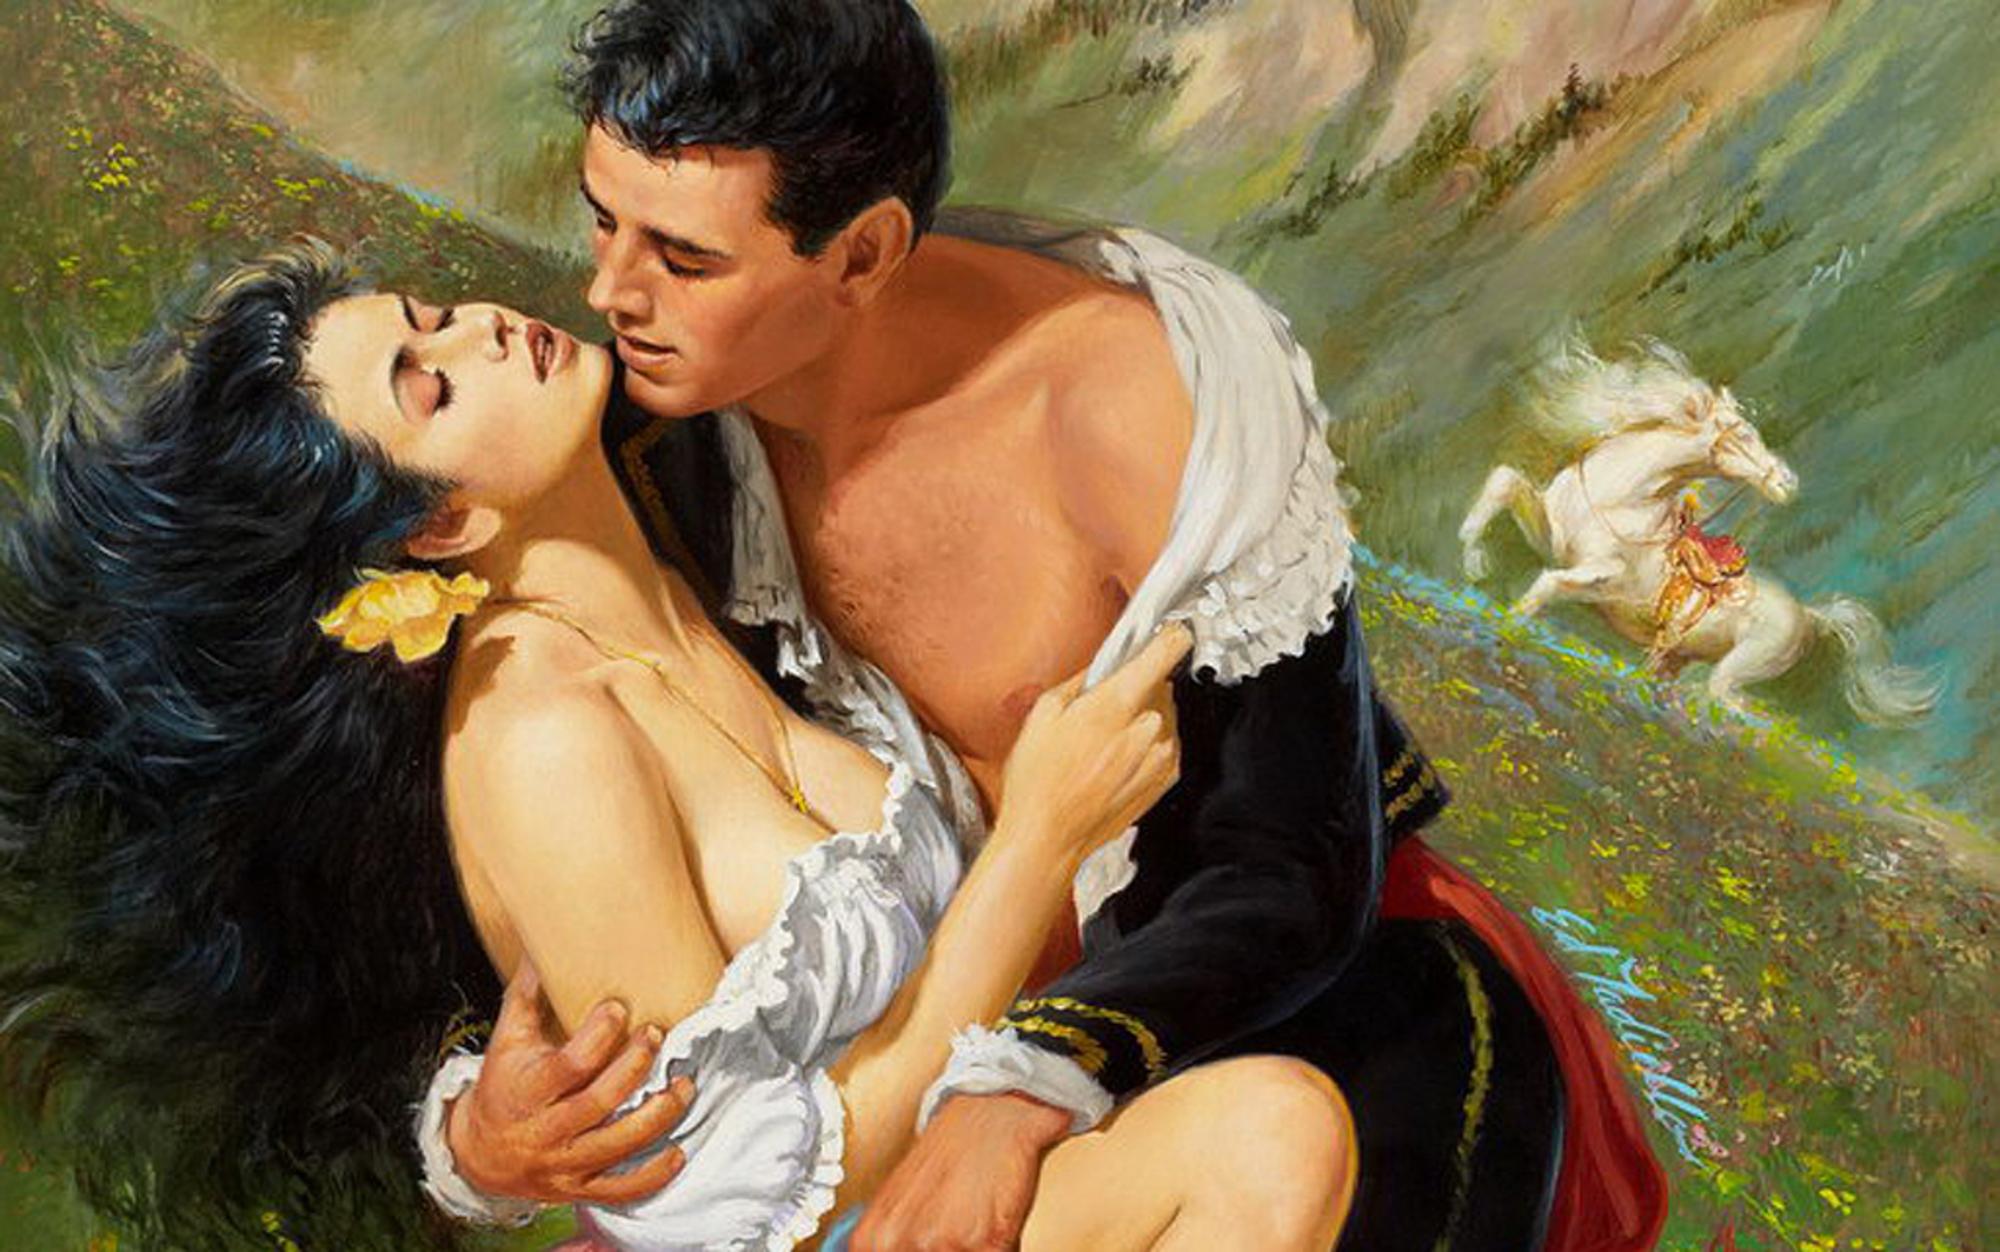 Adult Romance Fiction 50